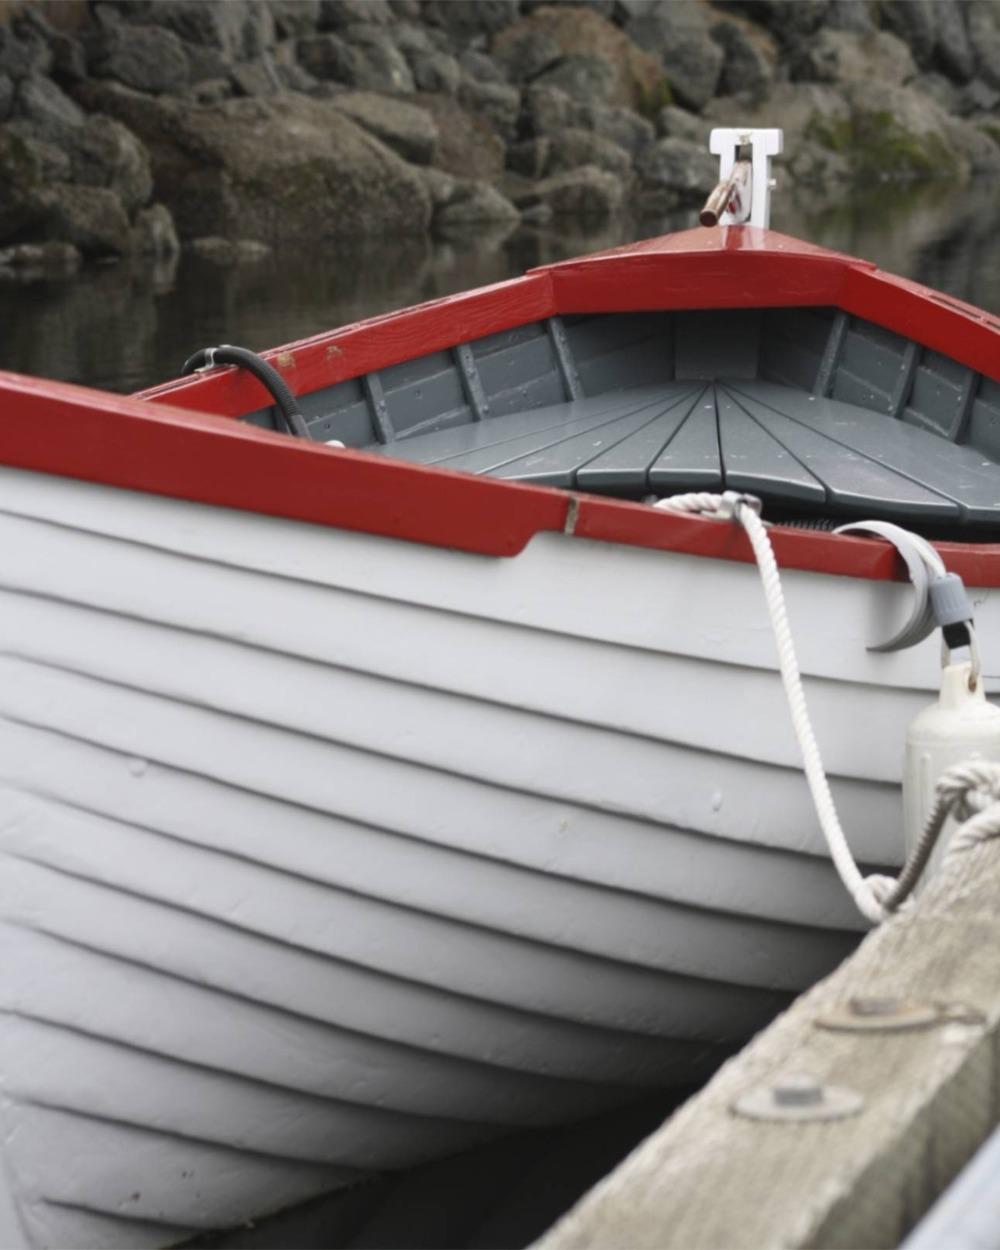 2009-04-19 at 12-40-39 boat rowboat hull curve red rudder.jpg